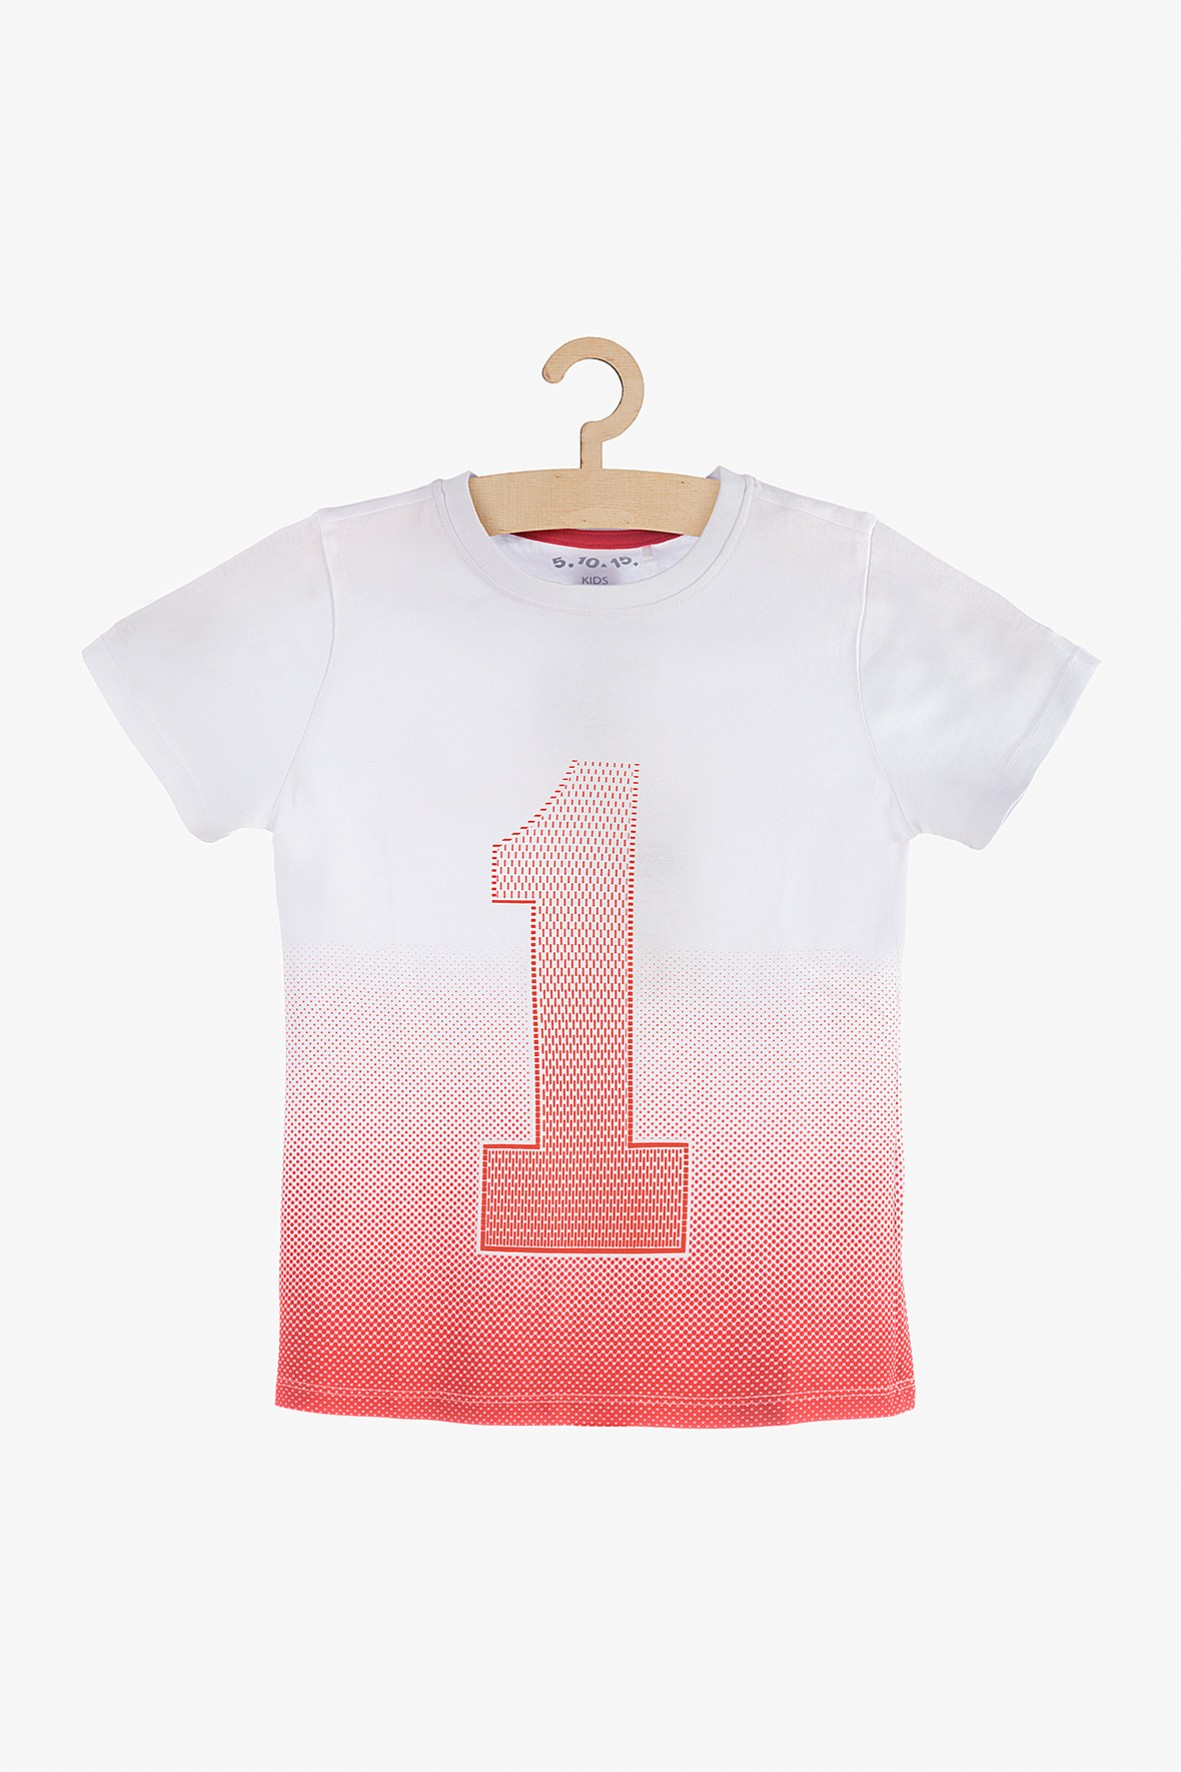 T-Shirt chłopięcy biało-czerwony z numerem 1